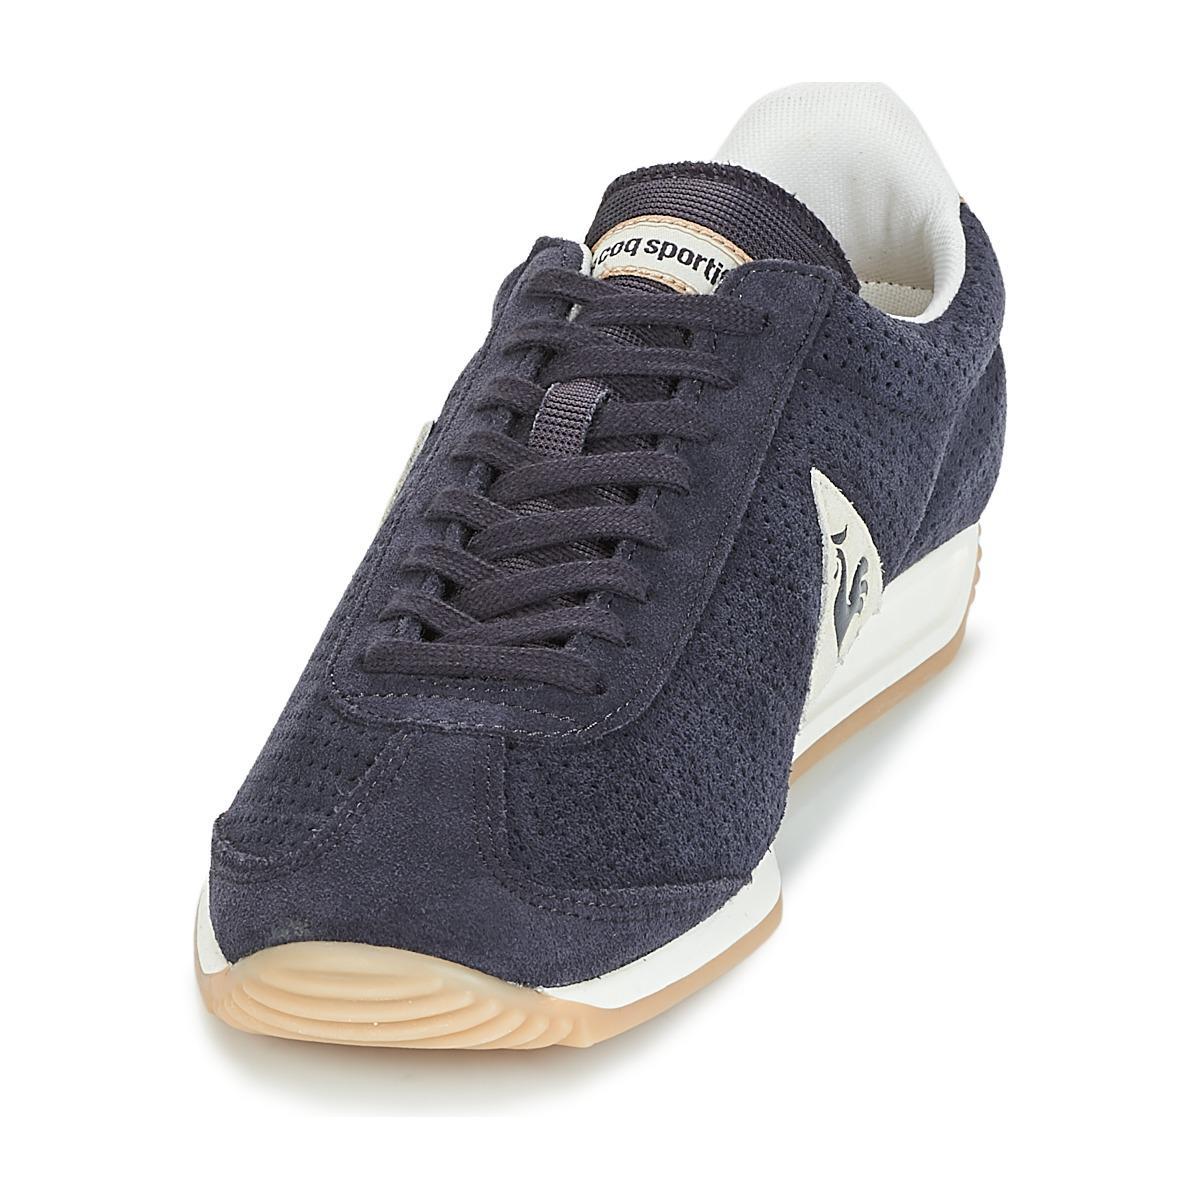 2159641bd247 Le Coq Sportif Quartz Premium Women s Shoes (trainers) In Blue in ...